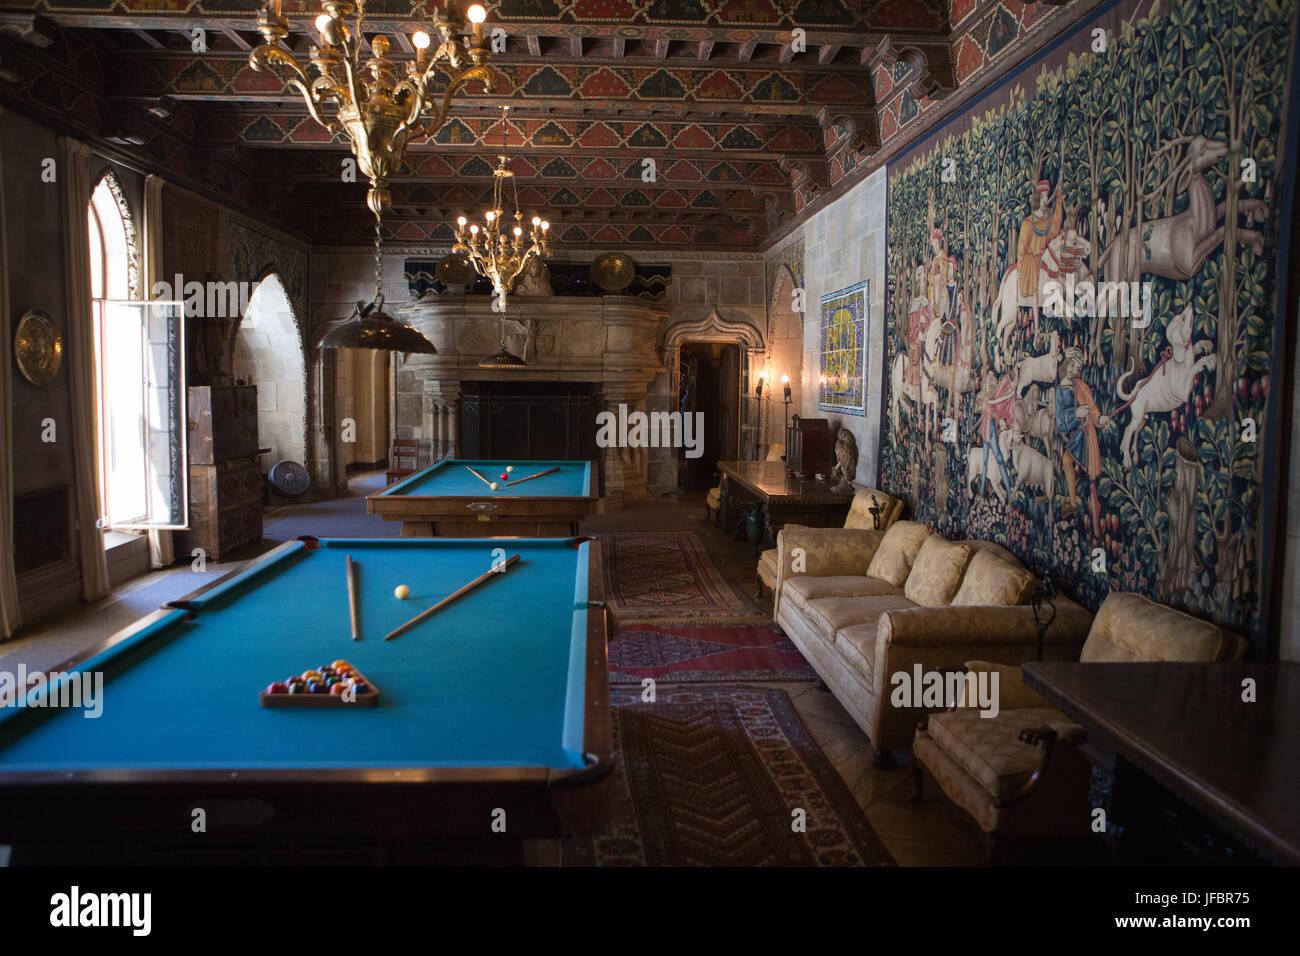 Das Hearst Castle Billard Zimmer ist mit Möbel, Tapisserien, Kunstwerke und verzierten Lampen. Stockbild